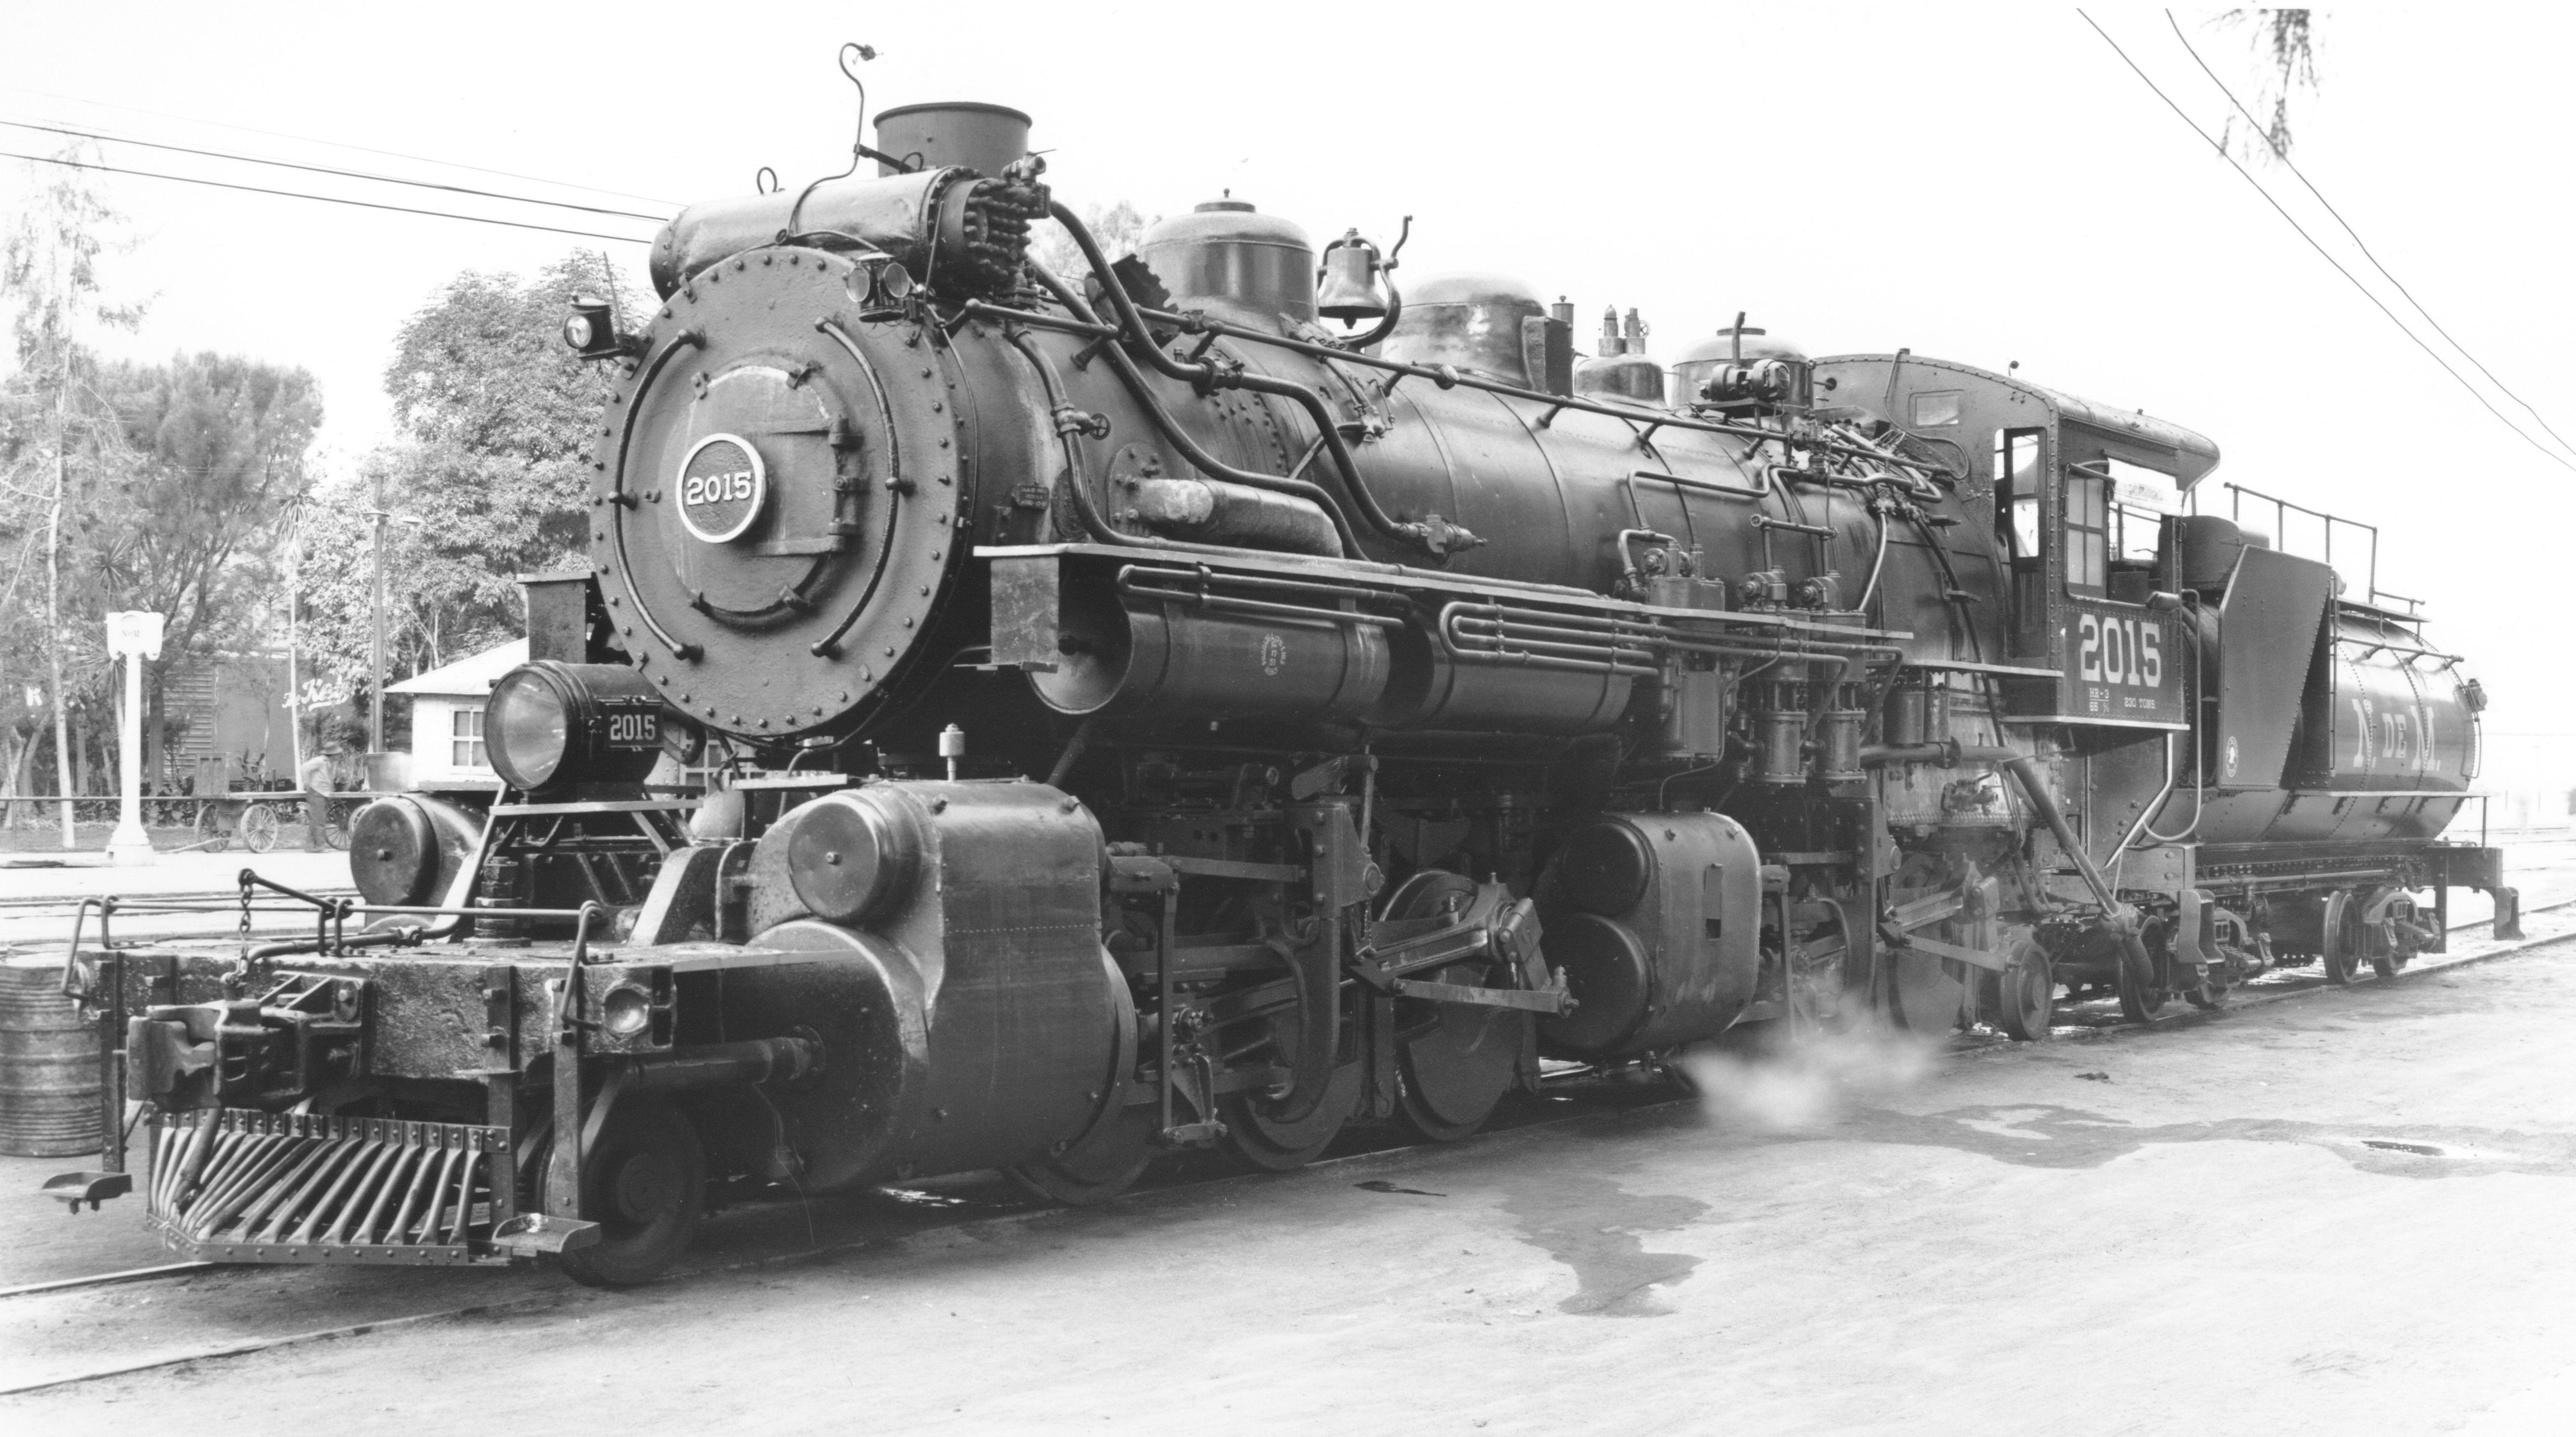 Ndem 2015 2 6 6 2 Steam Locomotive Locomotive Steam Trains